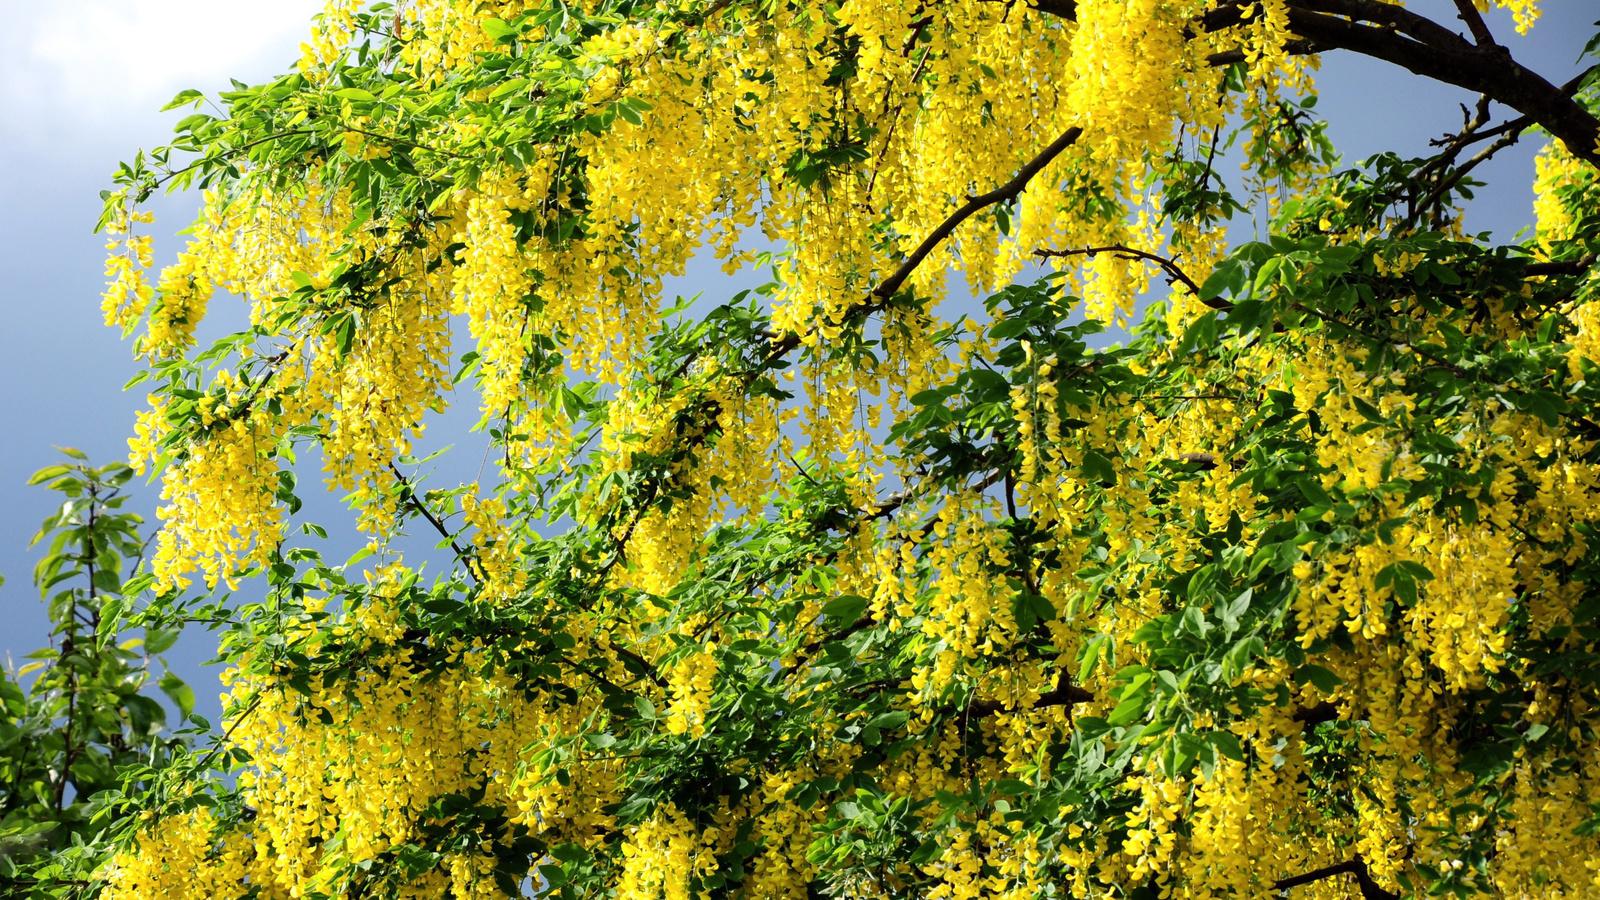 Картинки весна, желтые цветы, дерево ...: www.nastol.com.ua/download/31305/1600x900